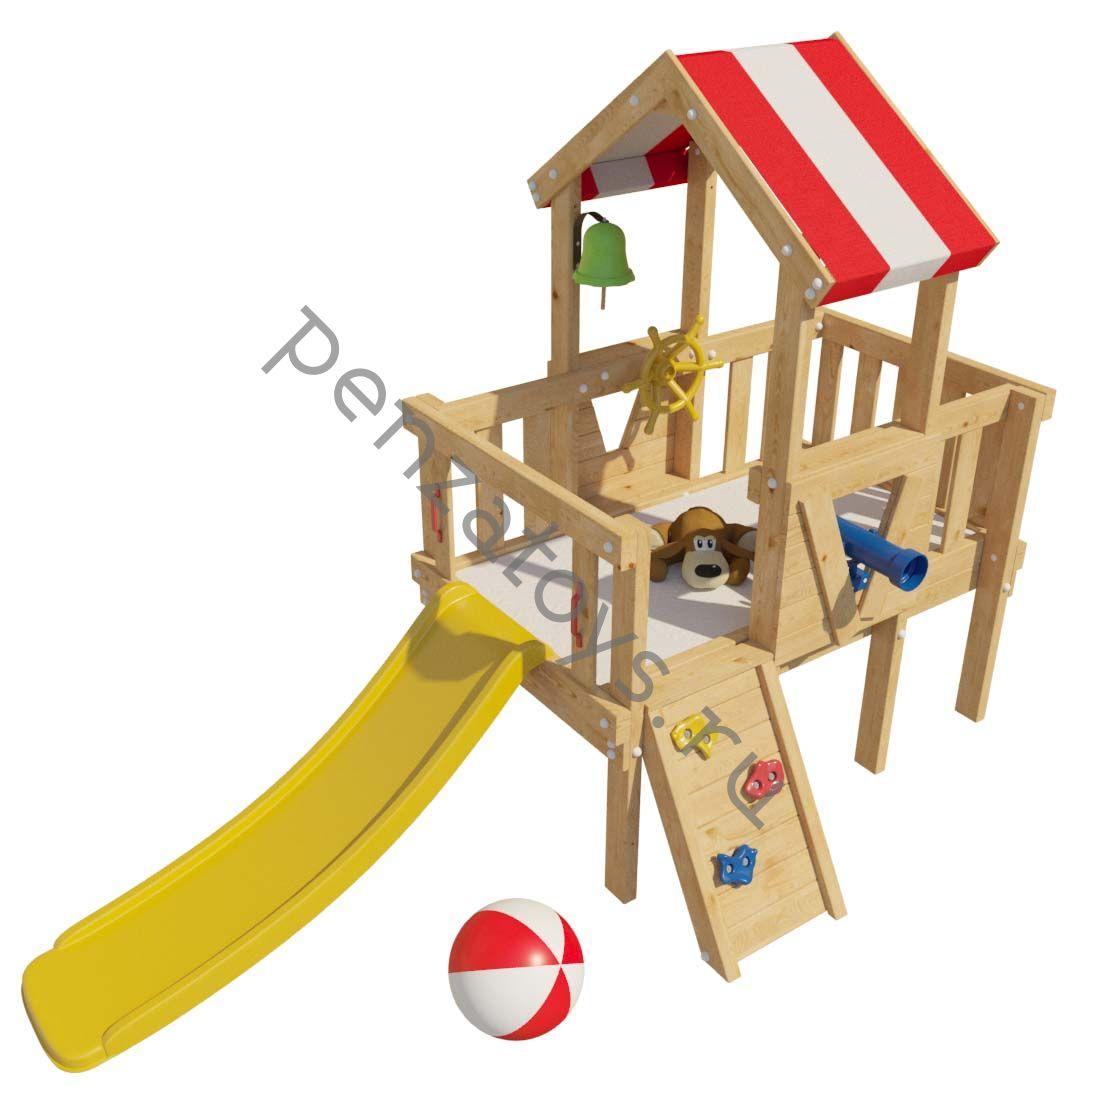 Детская игровая площадка/чердак ВЕНДИ для дома и дачи